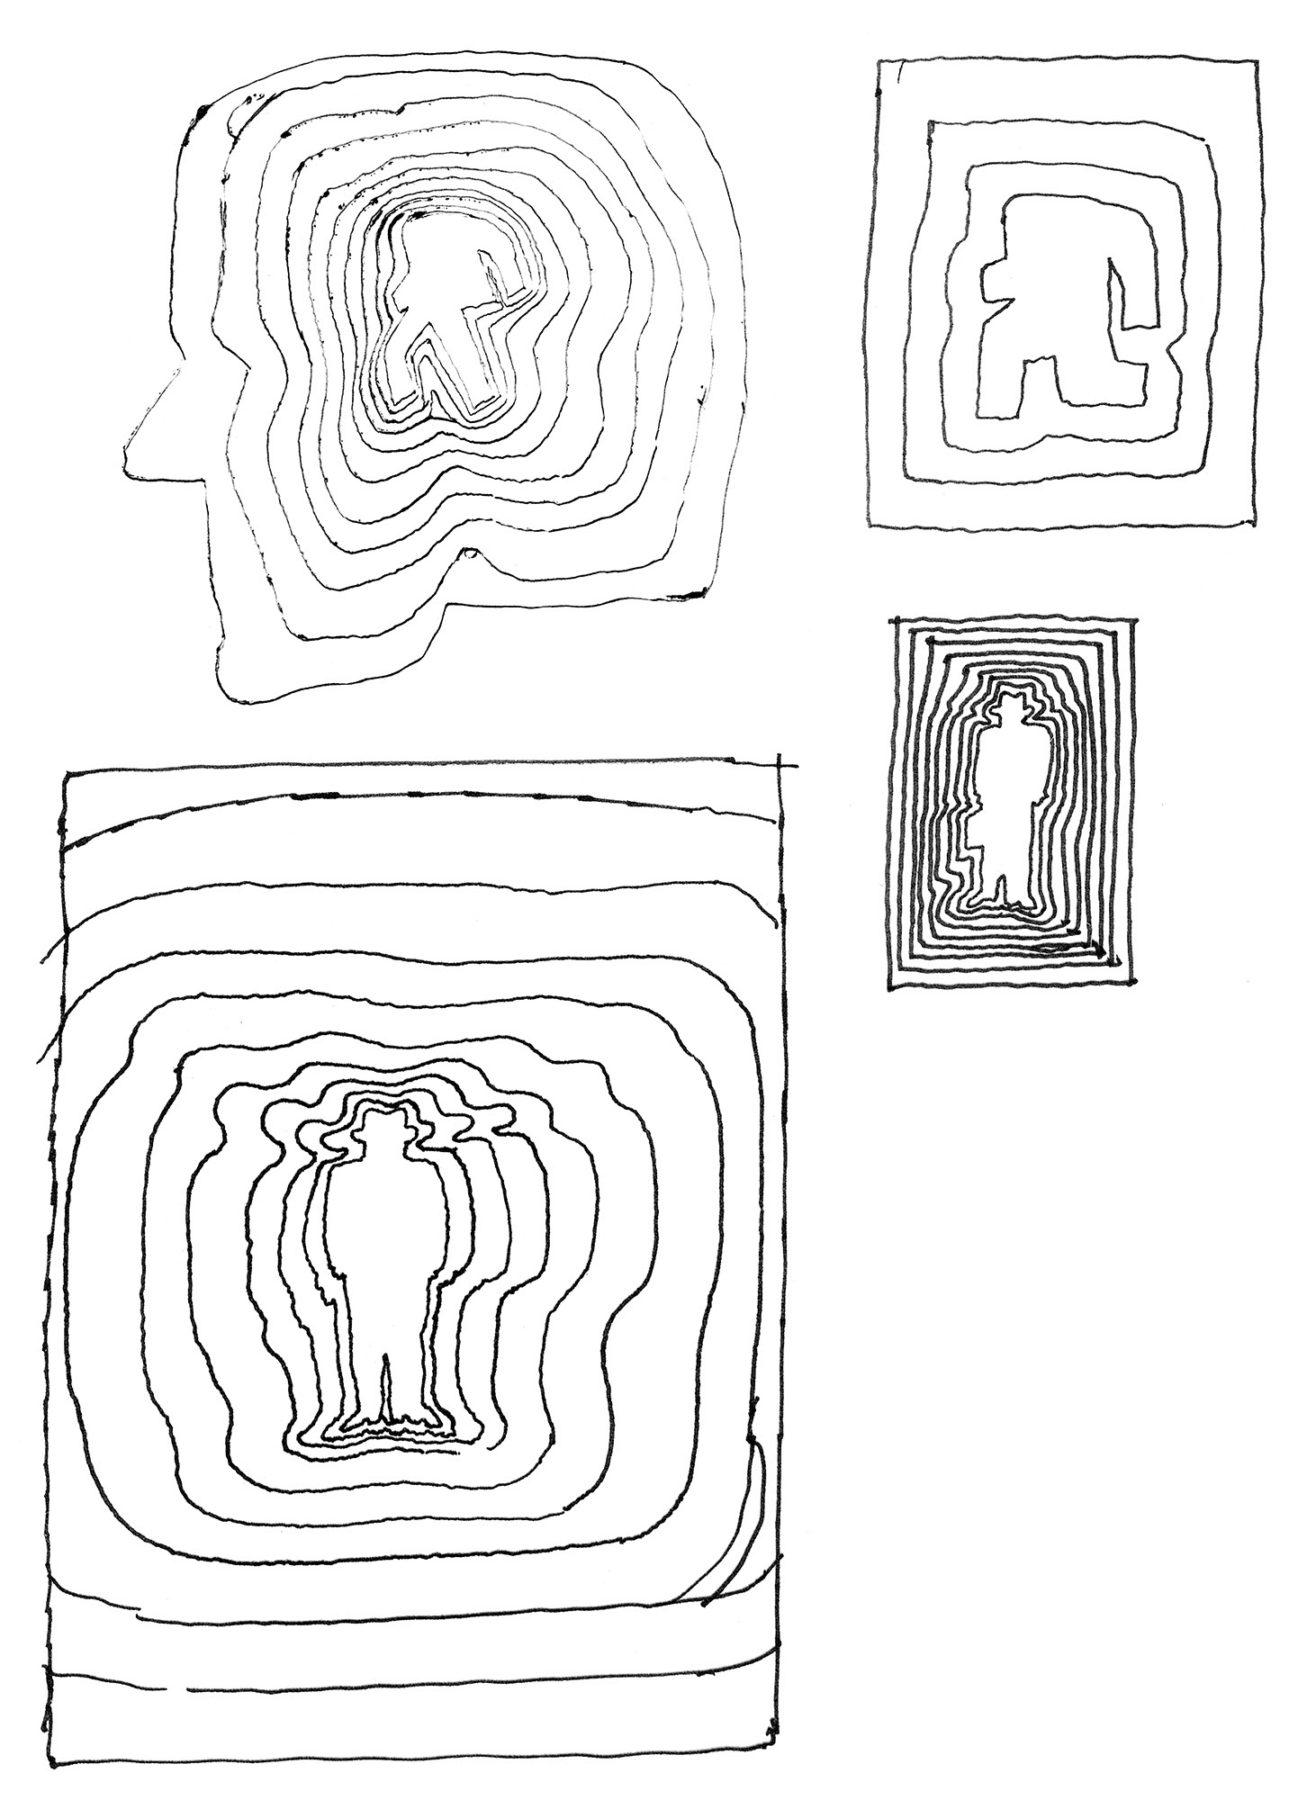 Hillmann 1965 Der Mann im weissen Anzug Skizzen zum Plakat